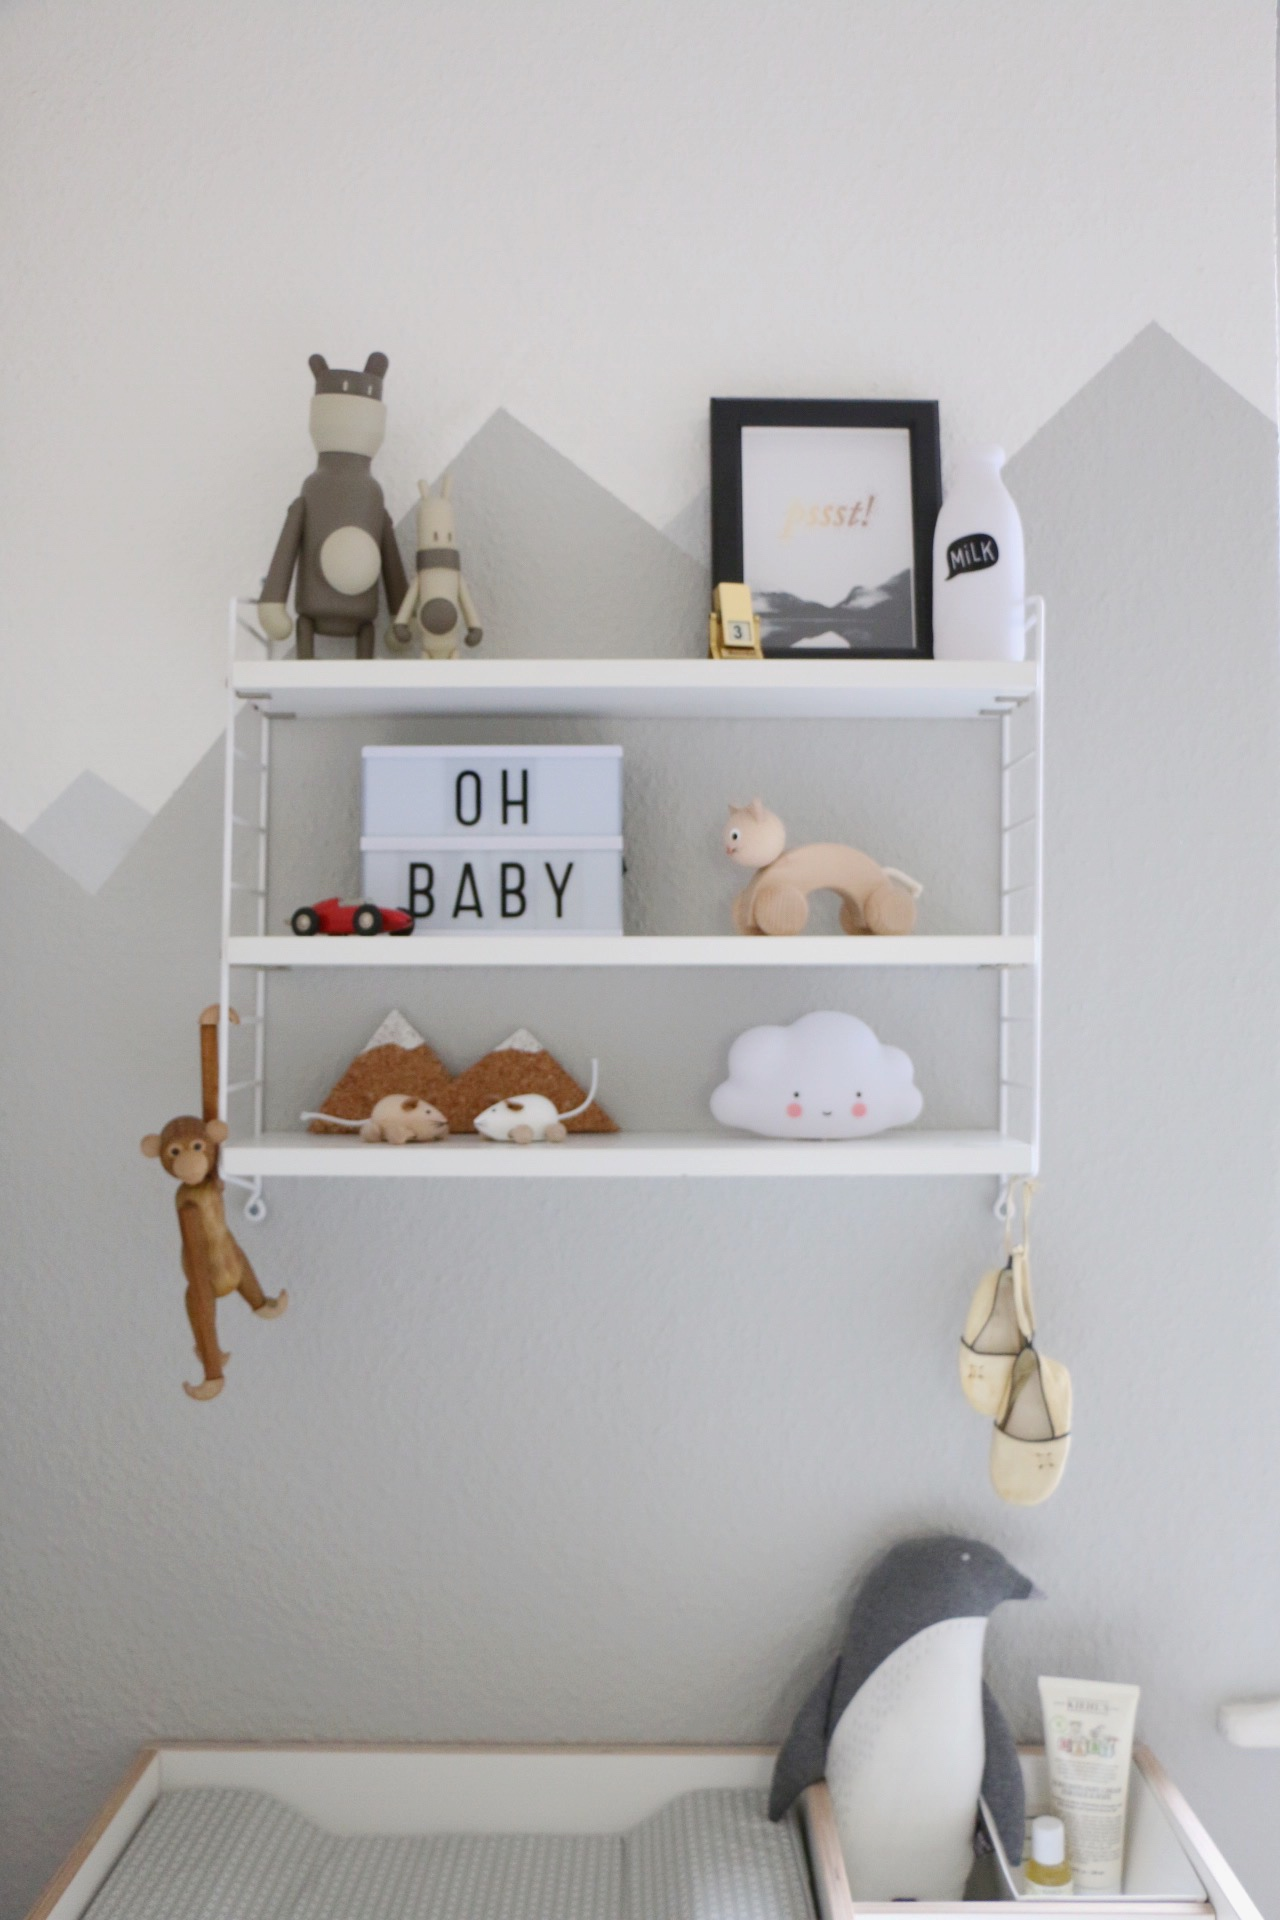 Full Size of Wandgestaltung Kinderzimmer Jungen Mountain Nursery Wallpaint Im Babyzimmer Eat Regal Regale Sofa Weiß Wohnzimmer Wandgestaltung Kinderzimmer Jungen